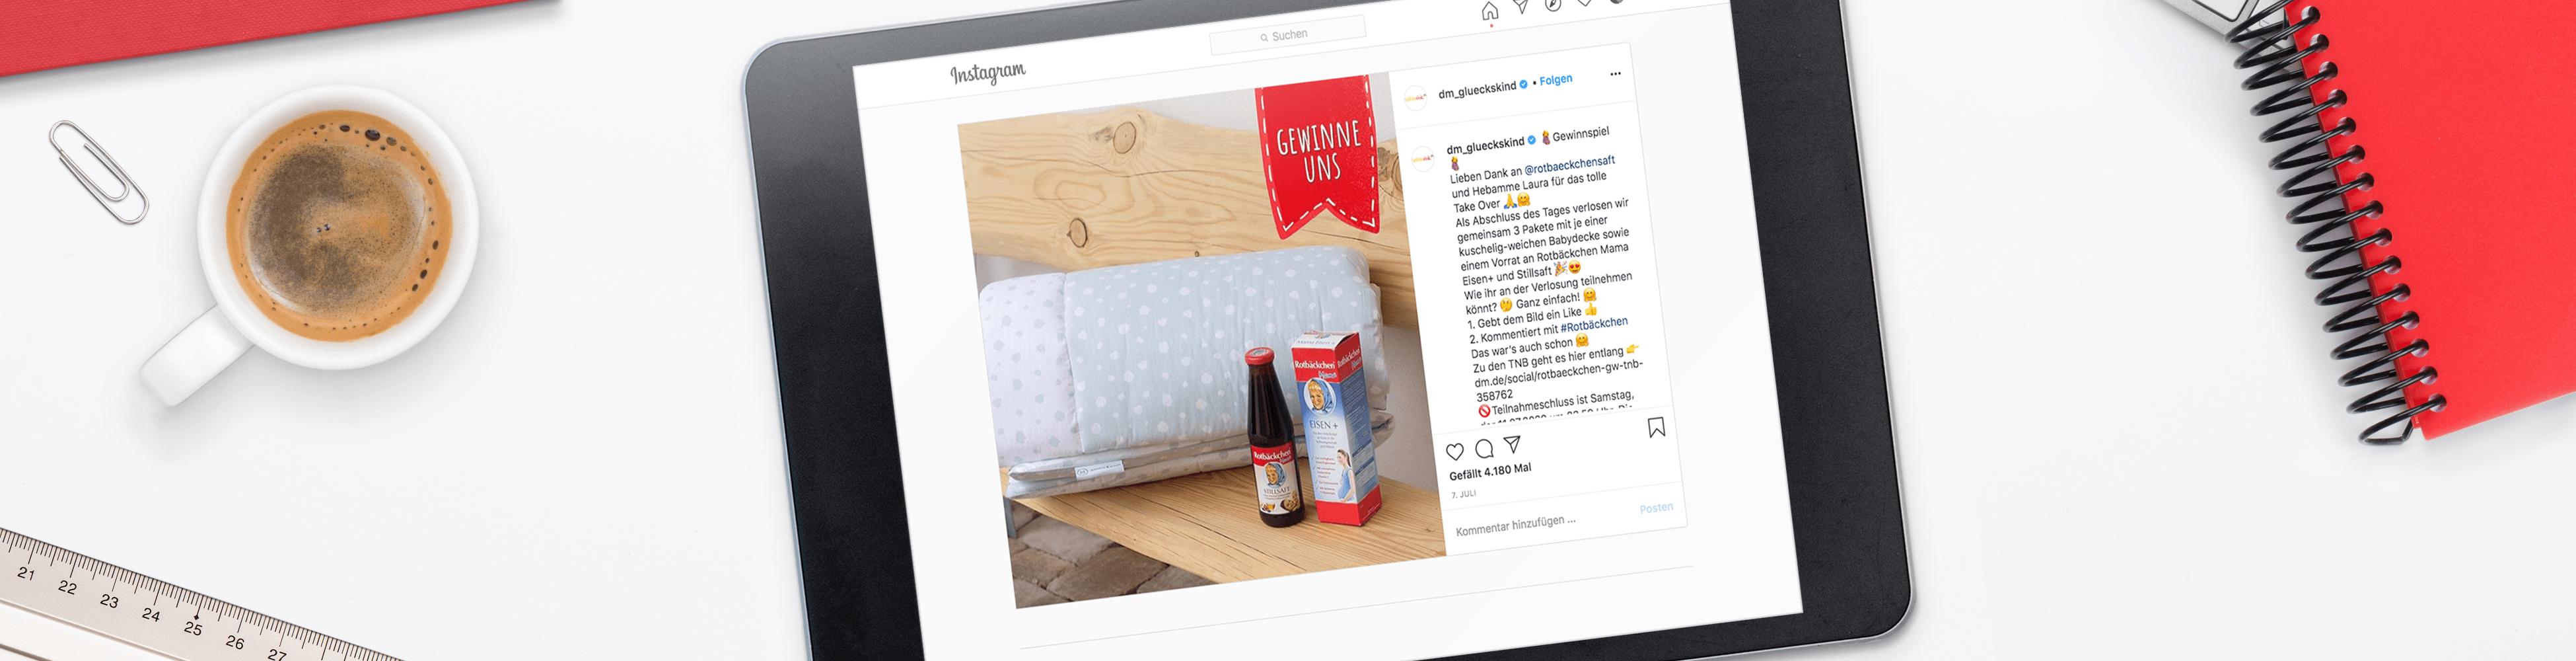 Instagram Page von Rotbäckchen